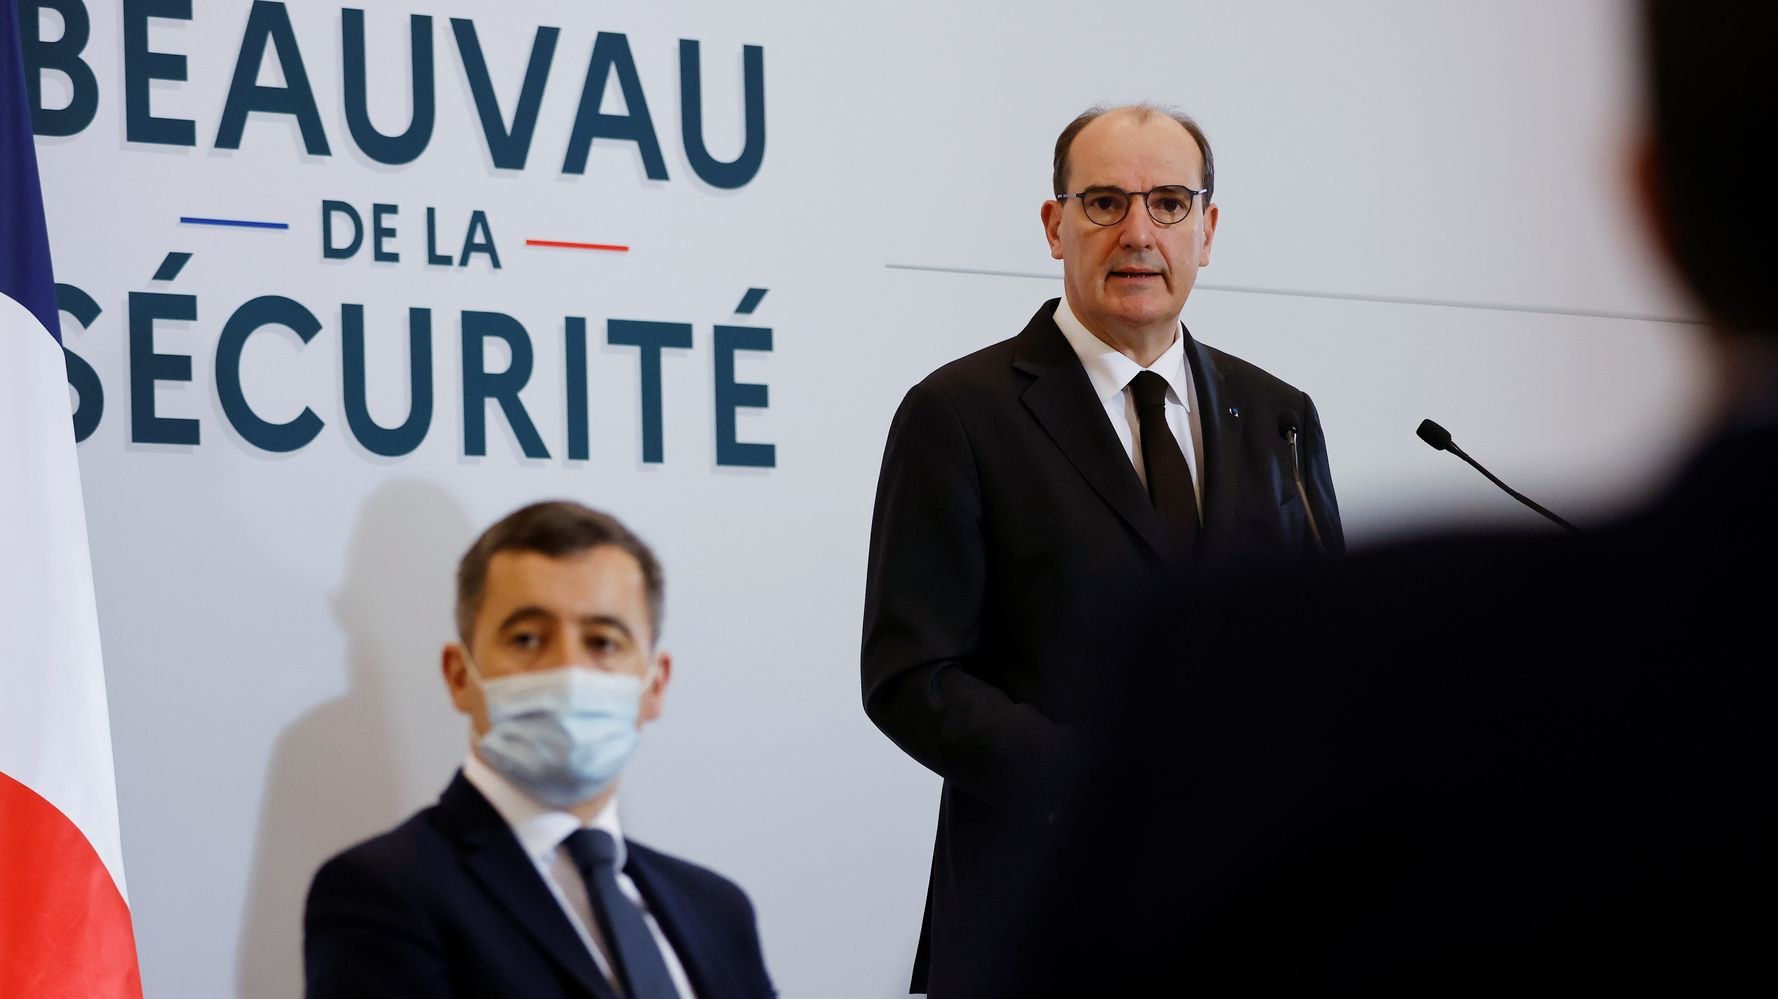 Beauvau de la Sécurité: Castex tente encore de corriger le tir après les déclarations de Macron à Brut